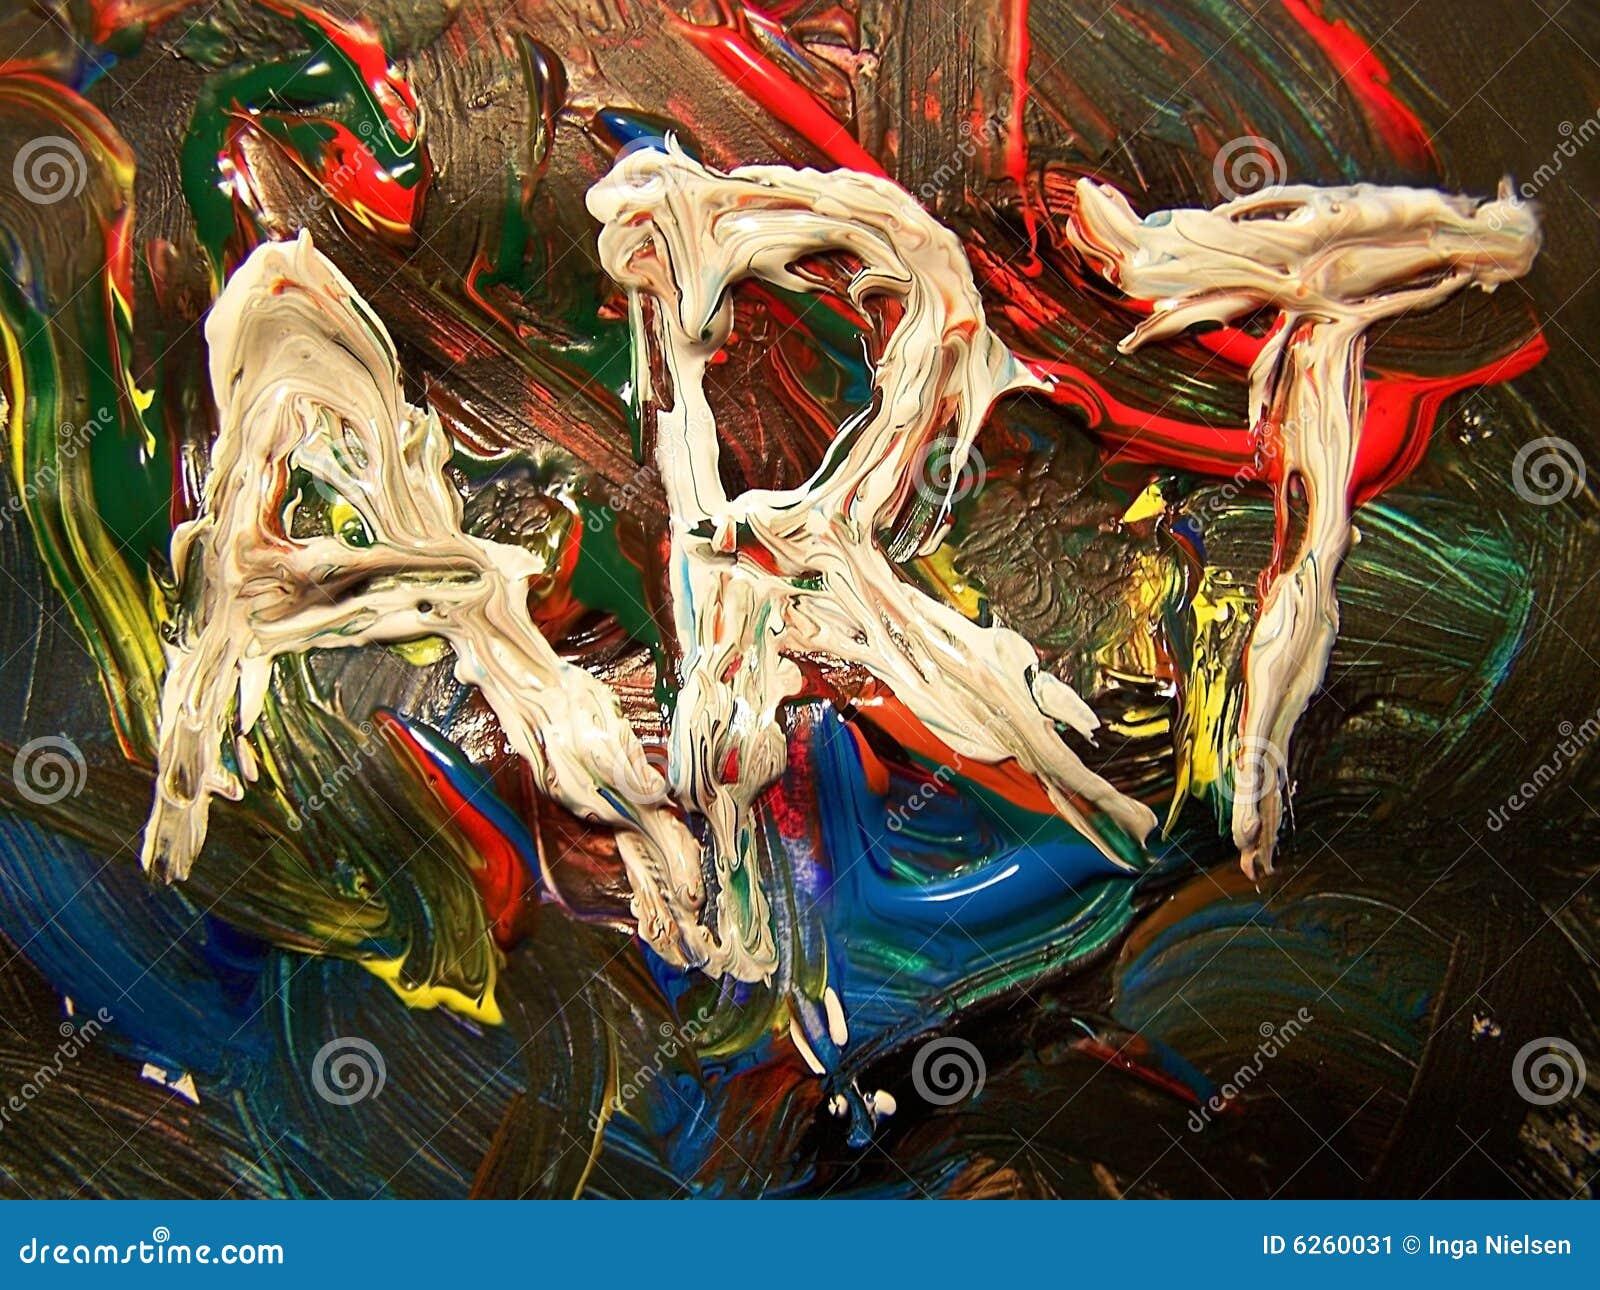 Kunst - Kleuren